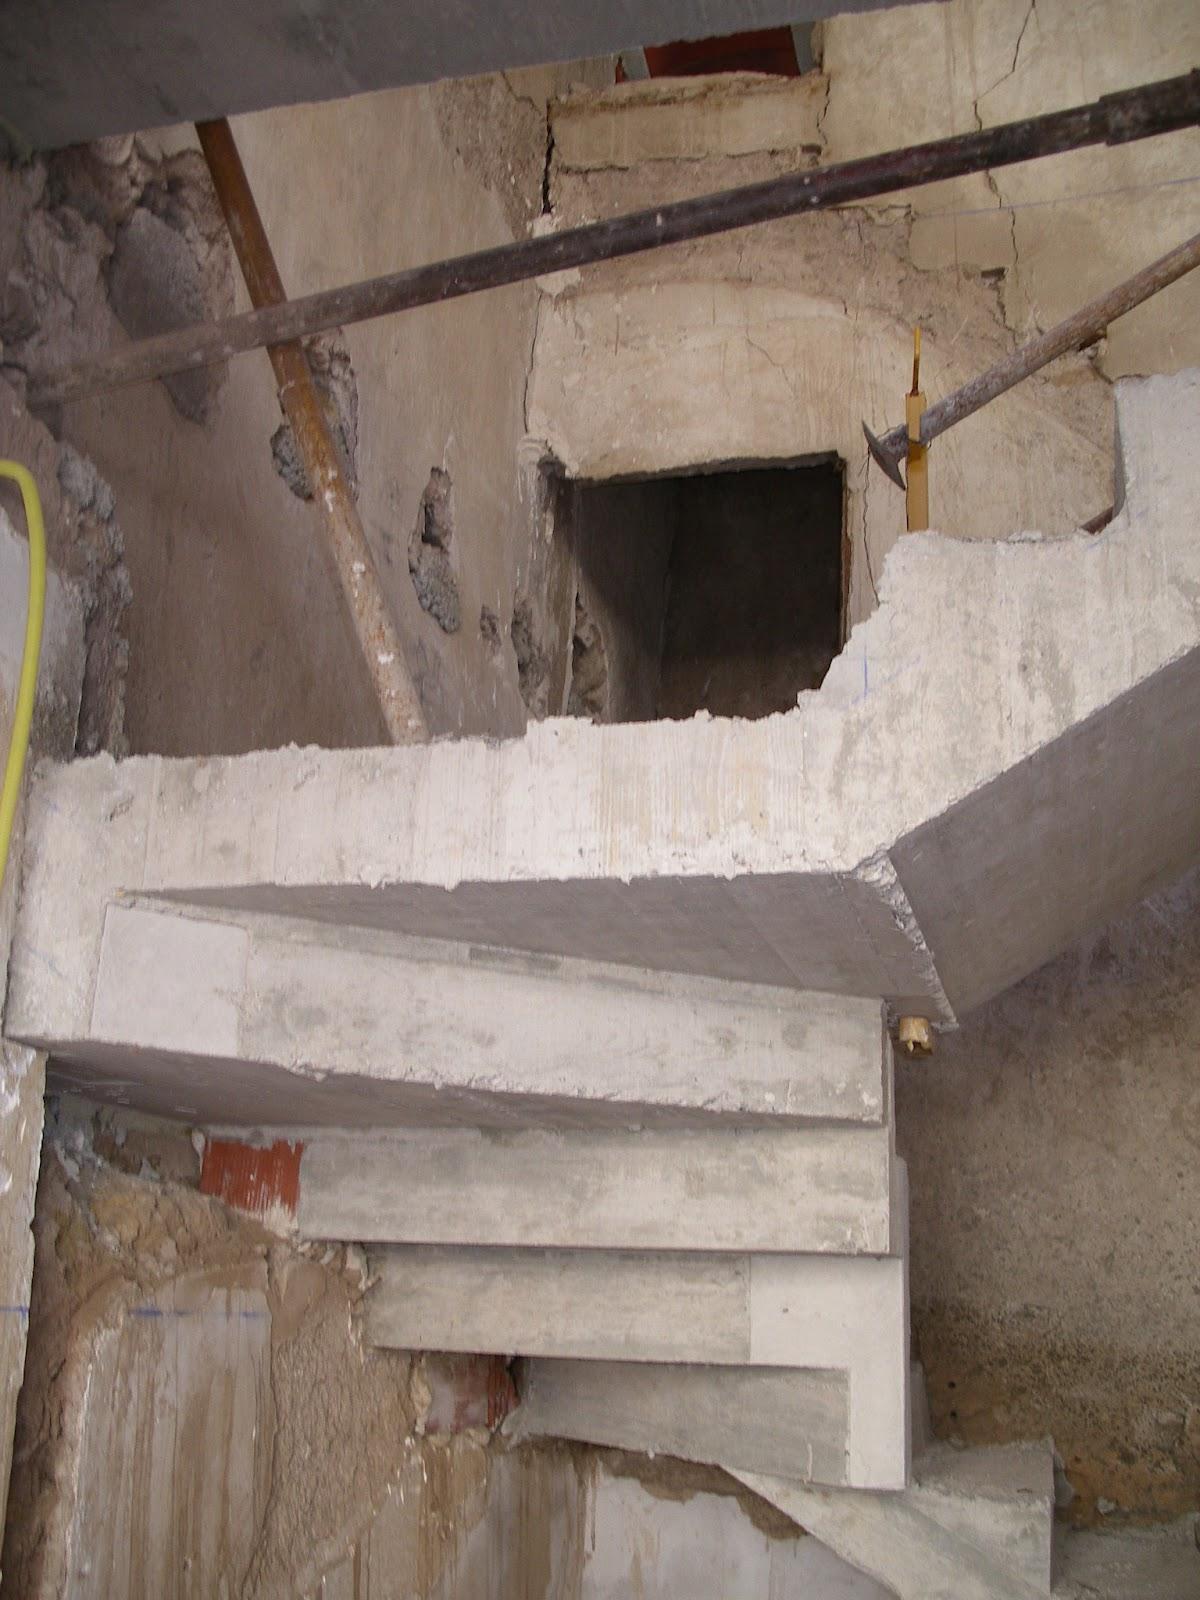 Rehabilitaci n de vivienda en entorno urbano protegido - Escaleras de hormigon armado visto ...